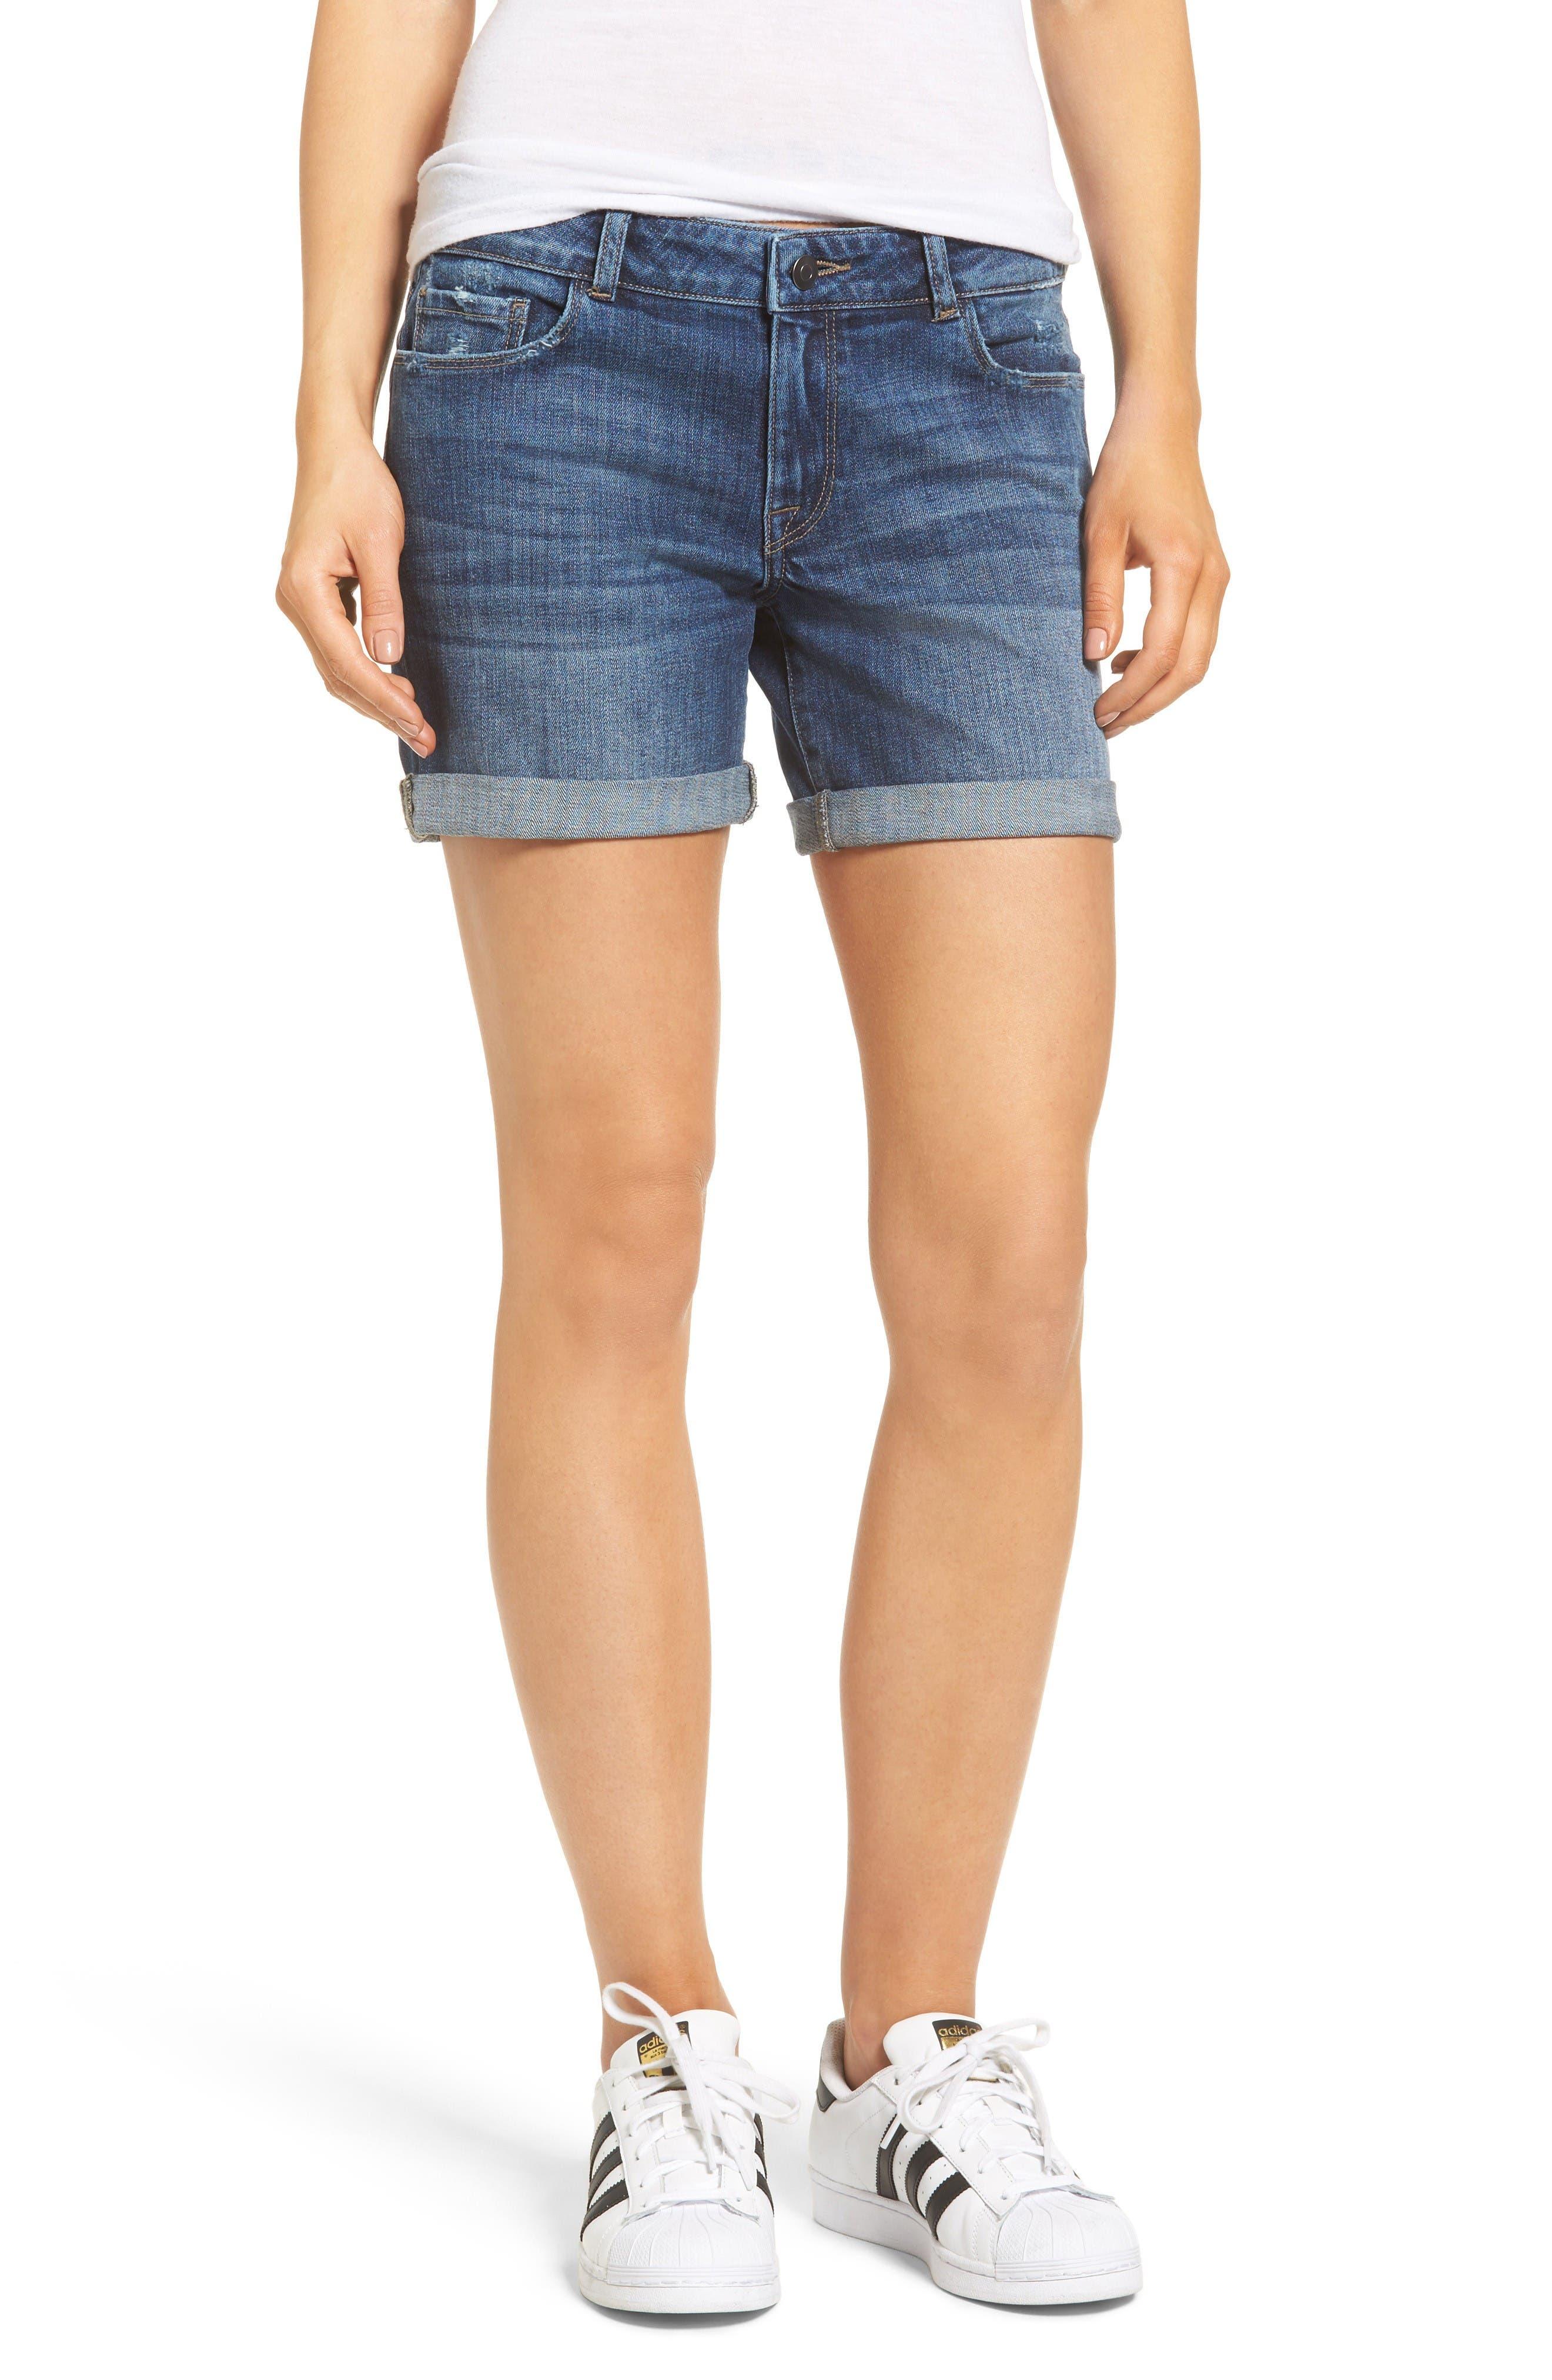 DL1961 Karlie Denim Boyfriend Shorts (Fever)